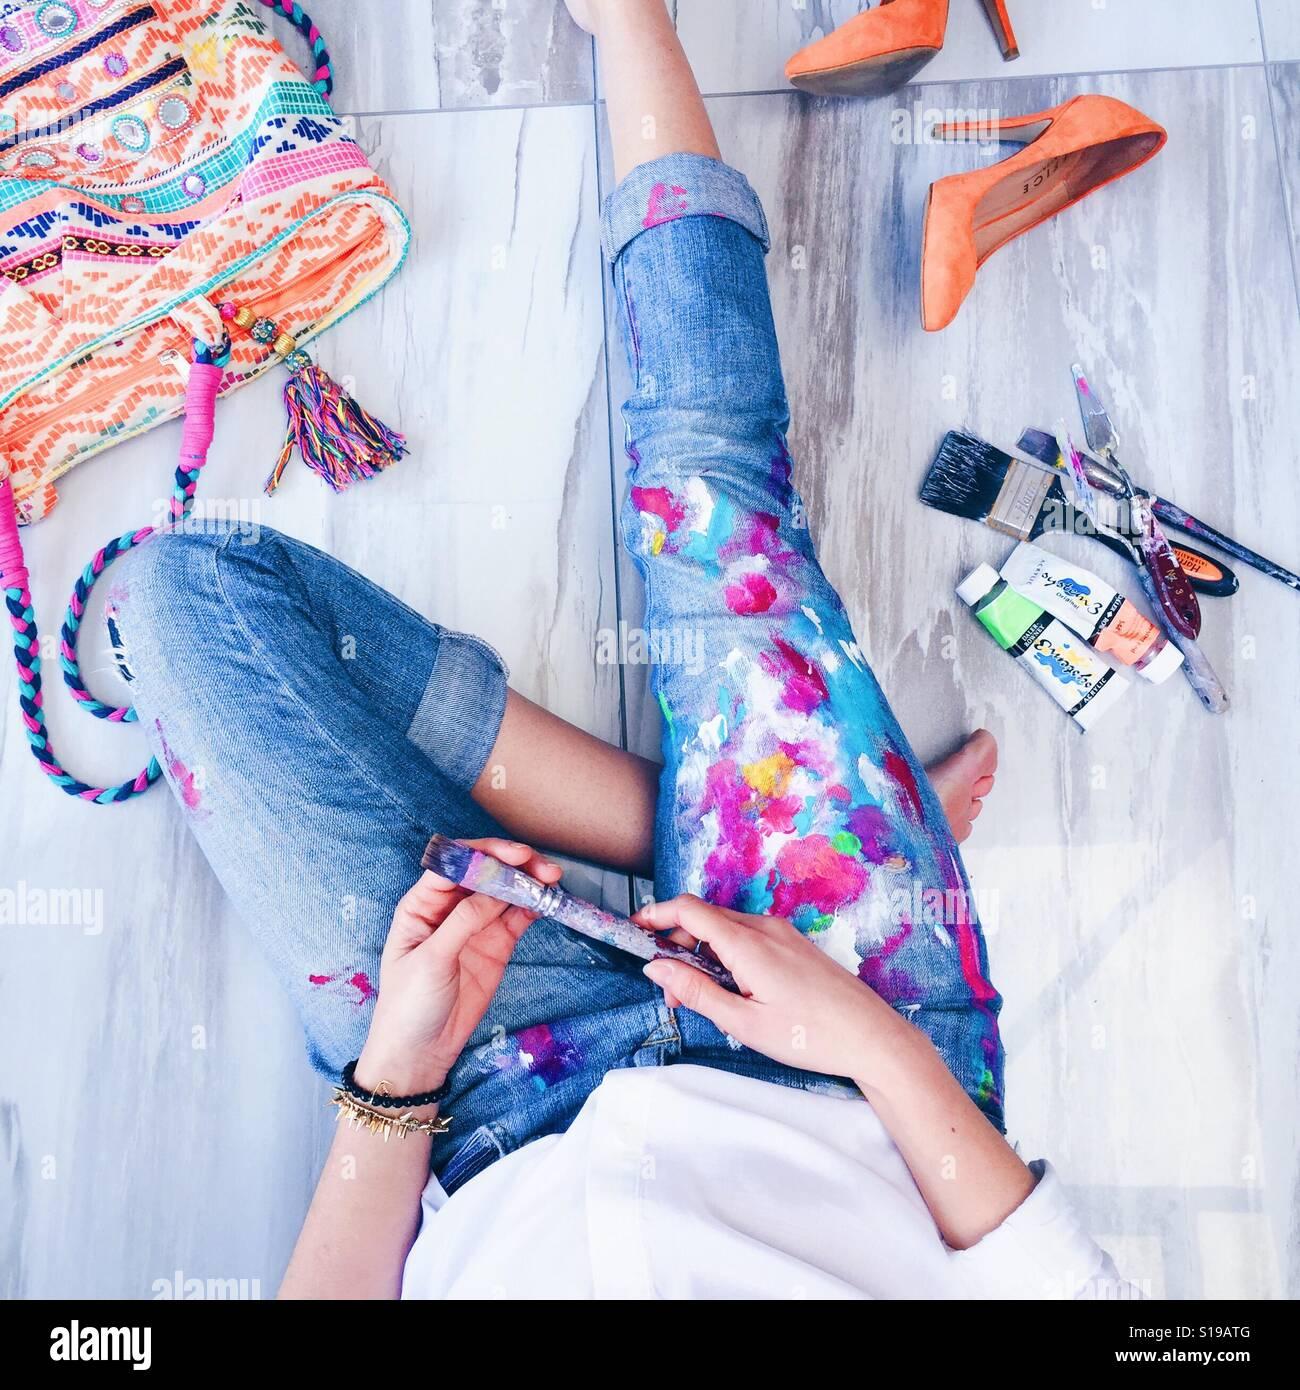 Artista indossando rilassante coperti di vernice blu jeans con accessori per la tinteggiatura e luminosamente coperti Foto Stock